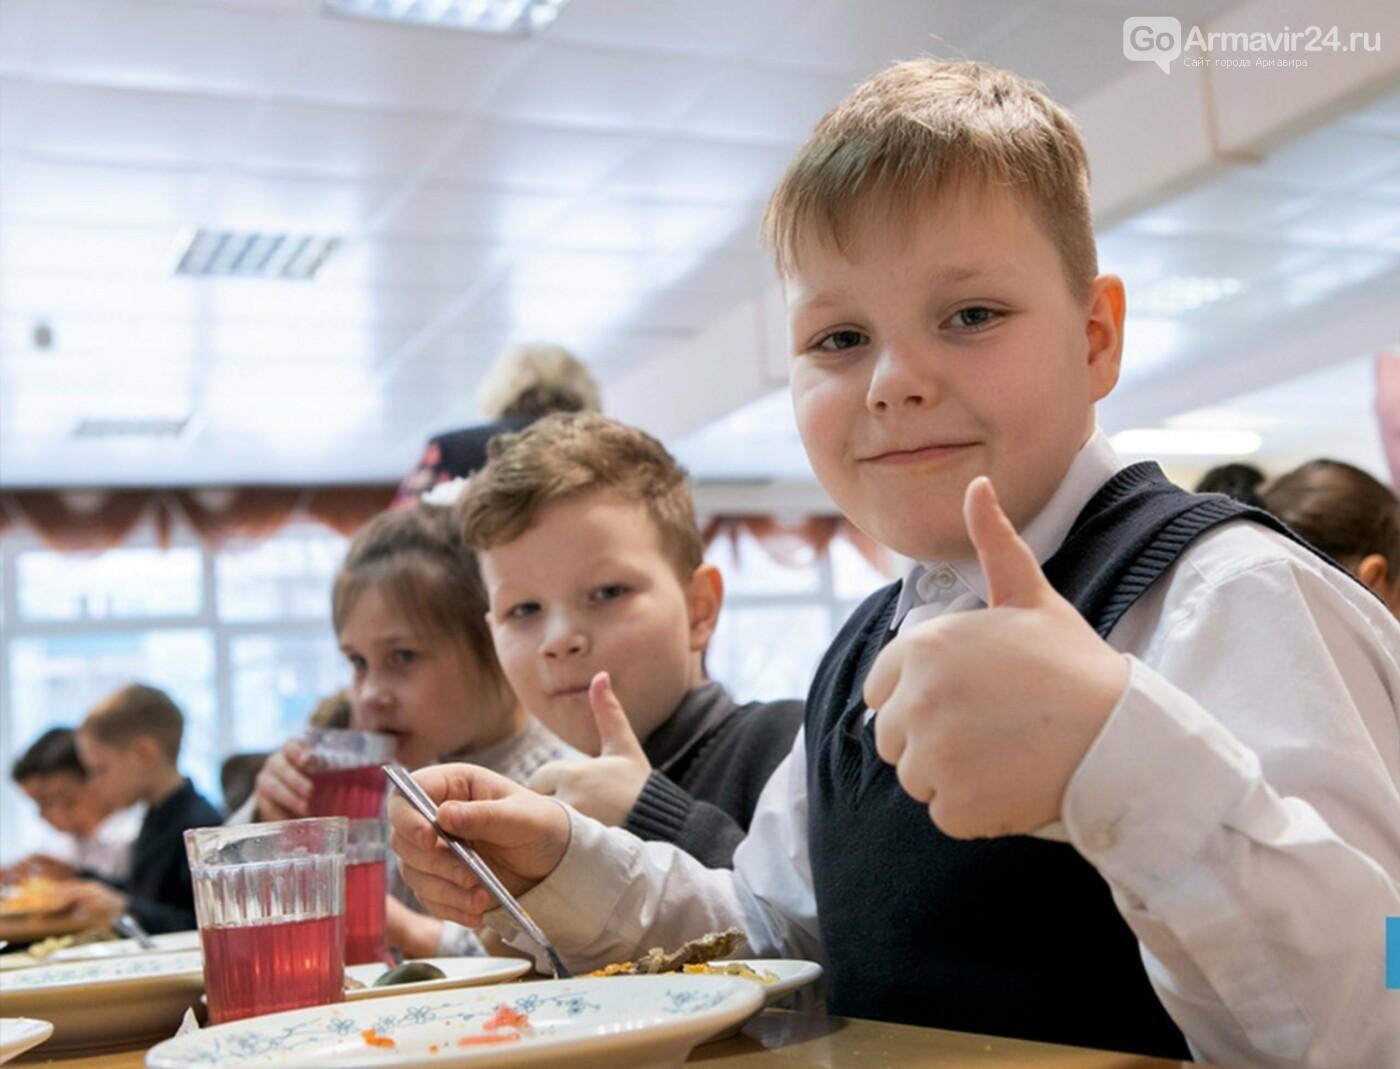 """В Армавире работает """"горячая линия"""" по питанию школьников, фото-1"""